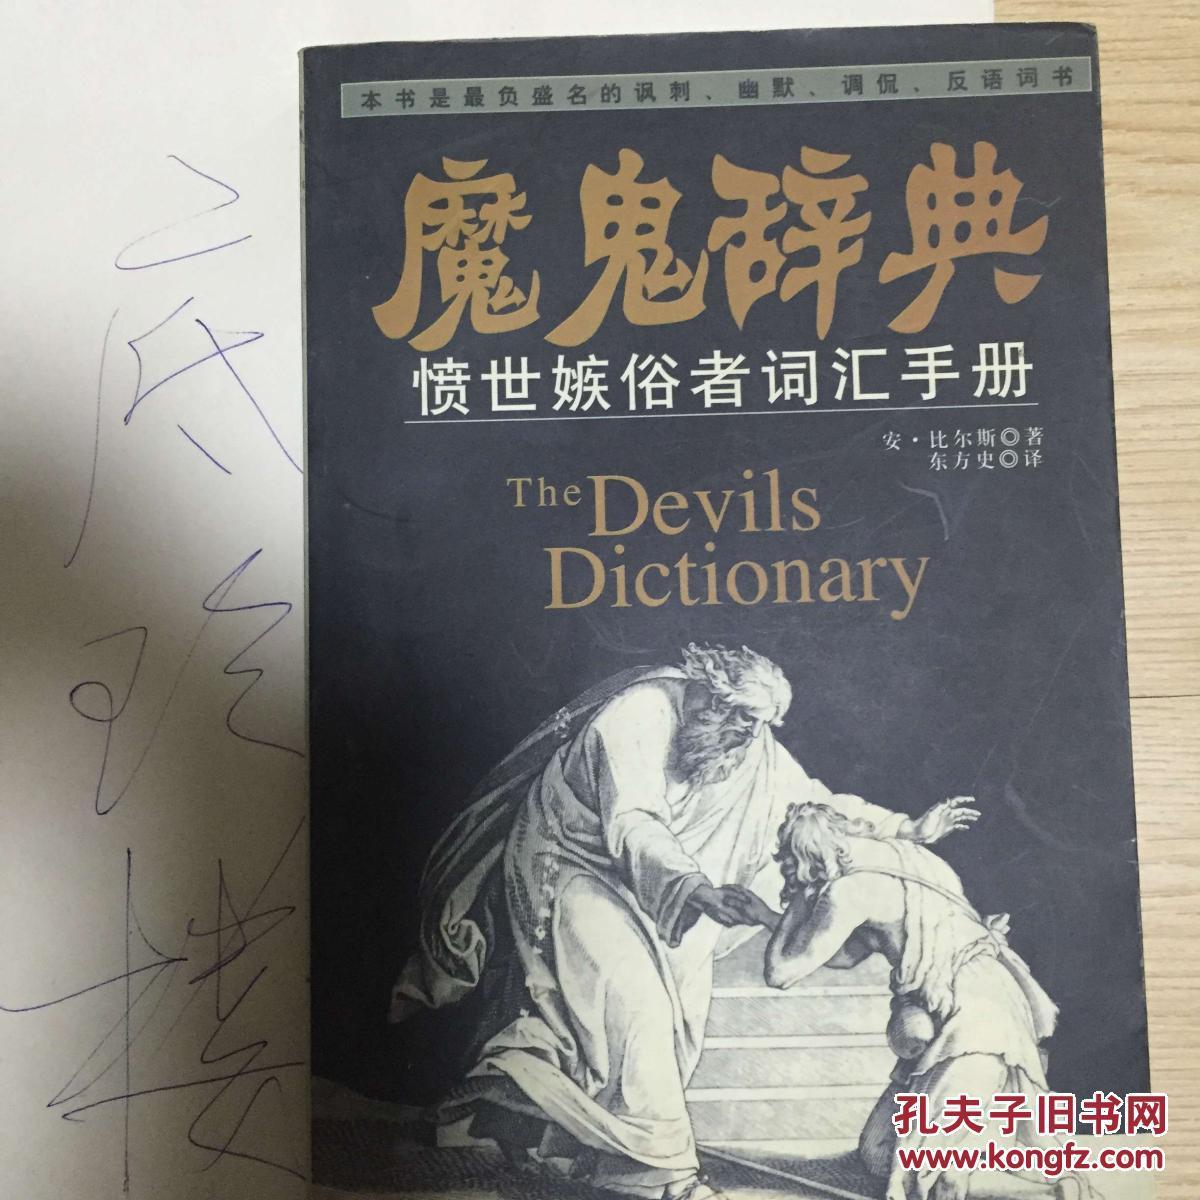 【图】新牛津魔鬼辞典_价格:1.00